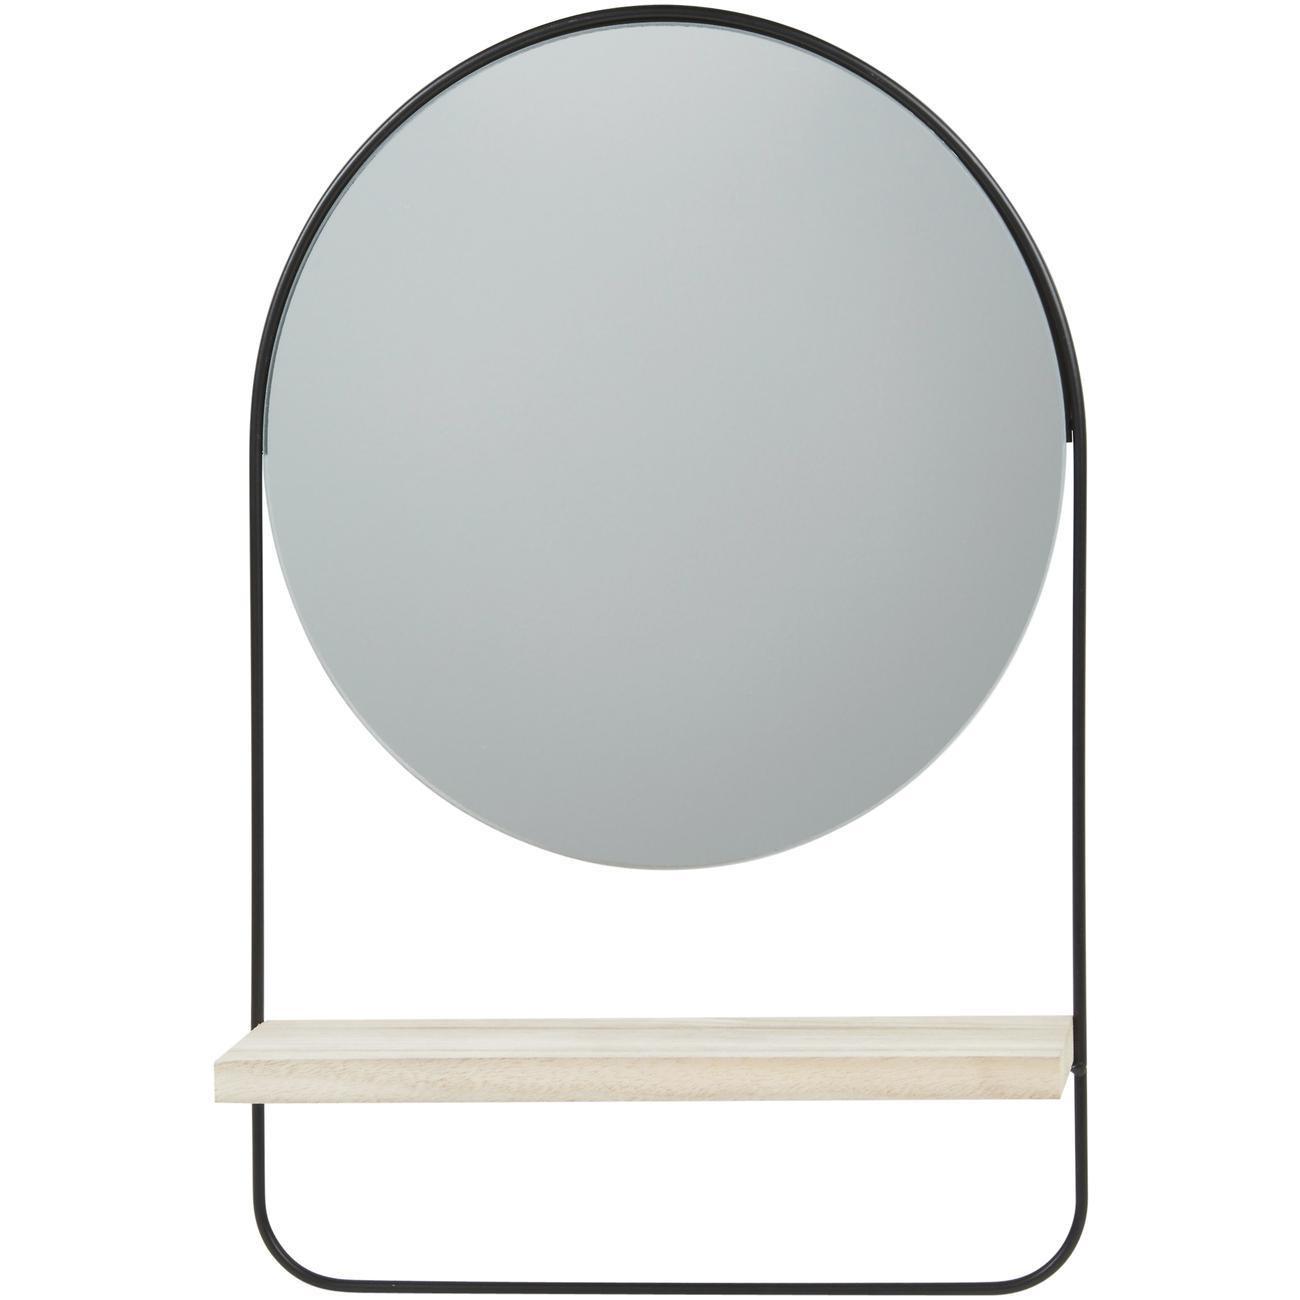 Miroir et tendance de forme ronde en metal avec son etagere en bois ENS1